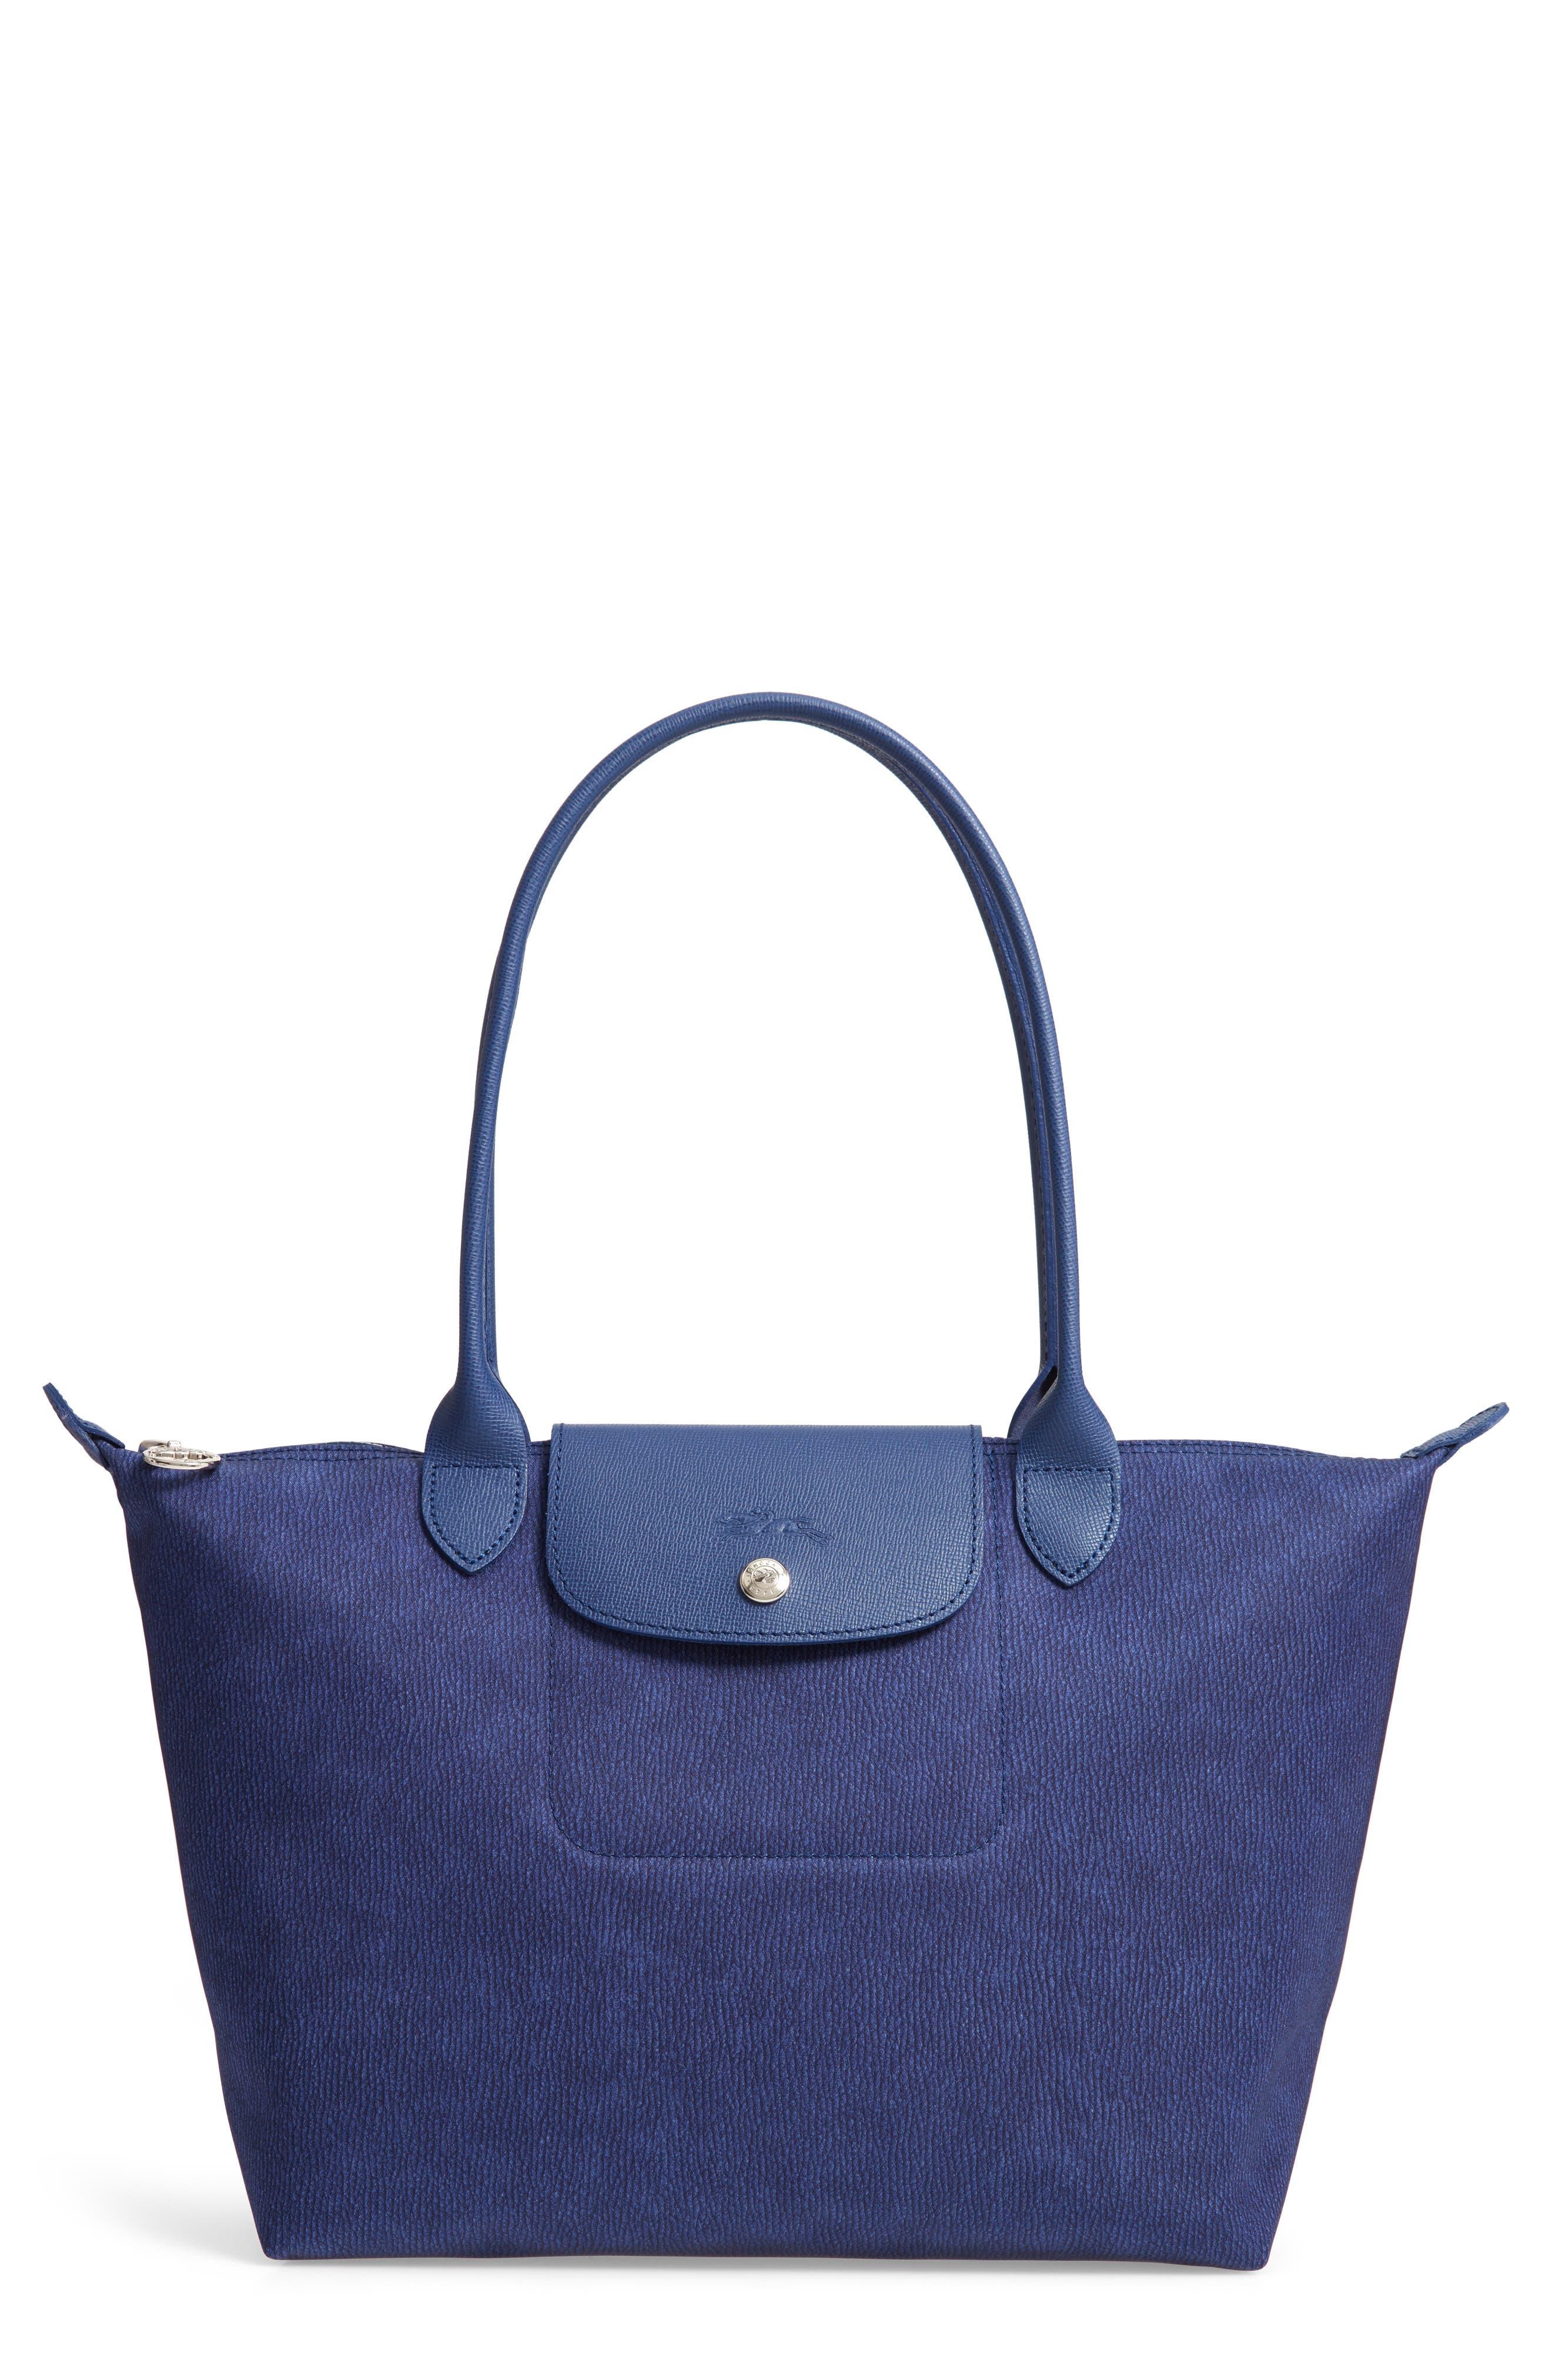 Le Pliage Jeans Small Shoulder Bag,                             Main thumbnail 1, color,                             DENIM